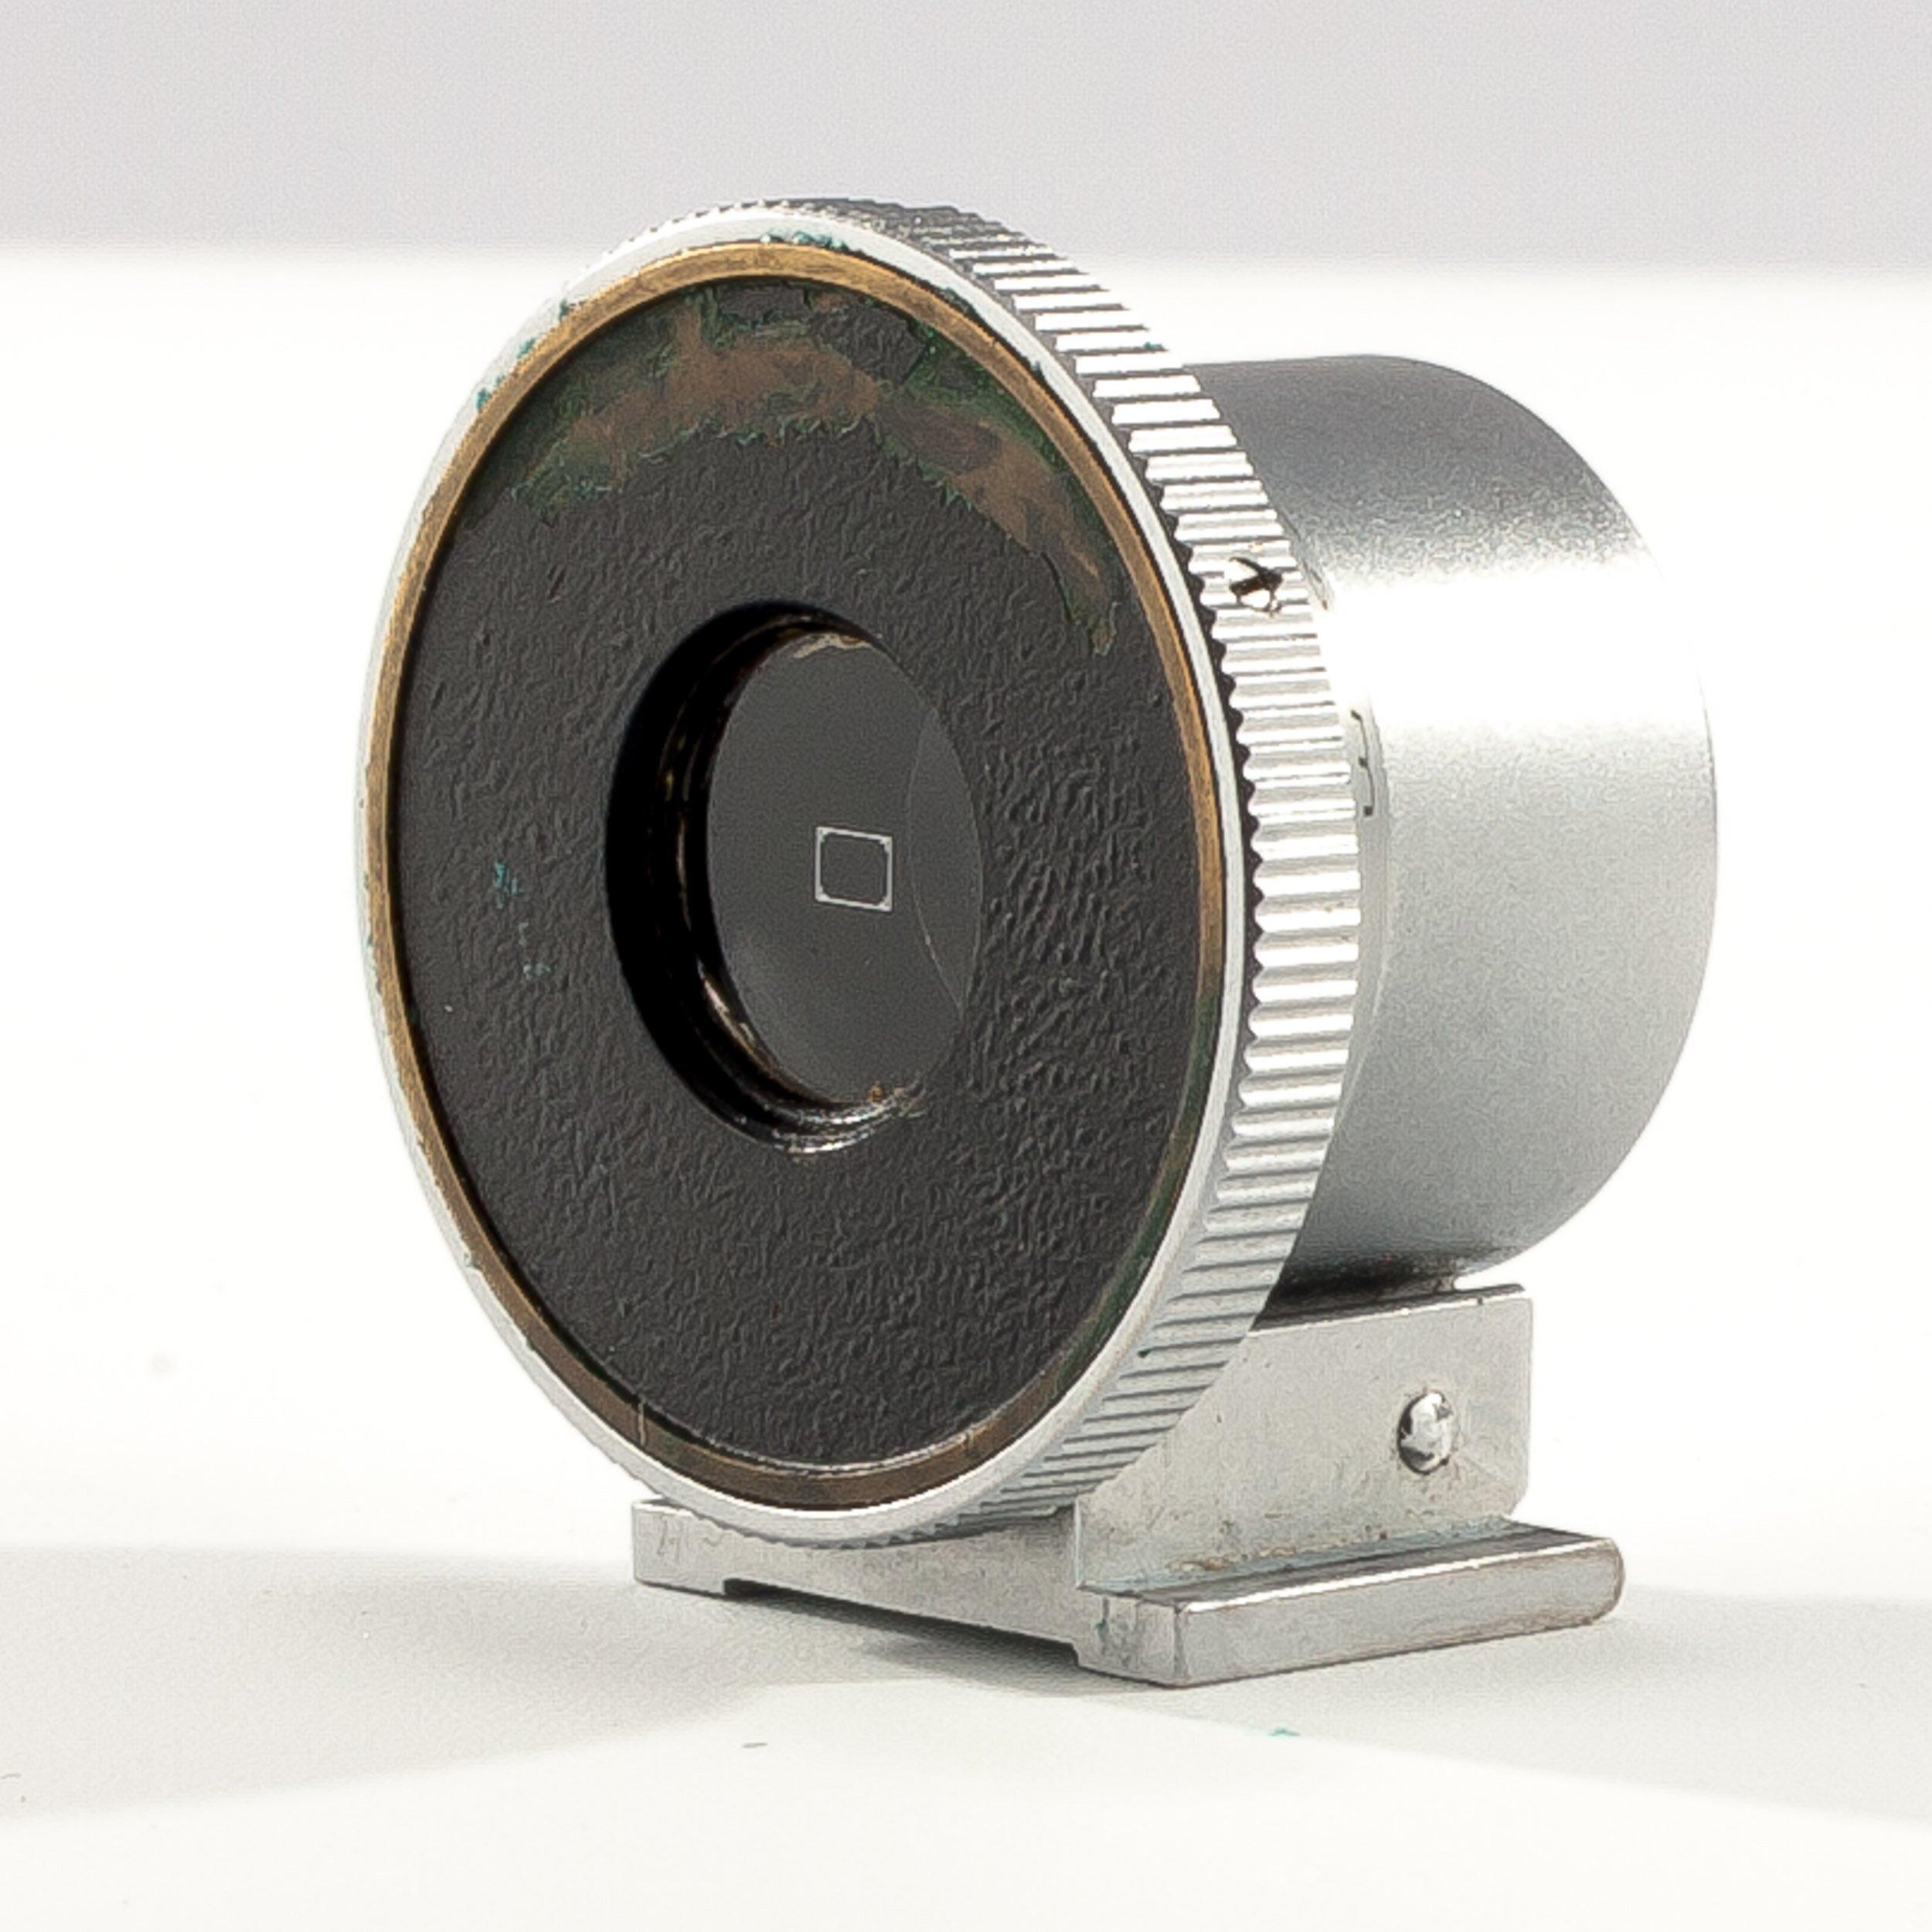 Leica 13,5cm Sucher chrom